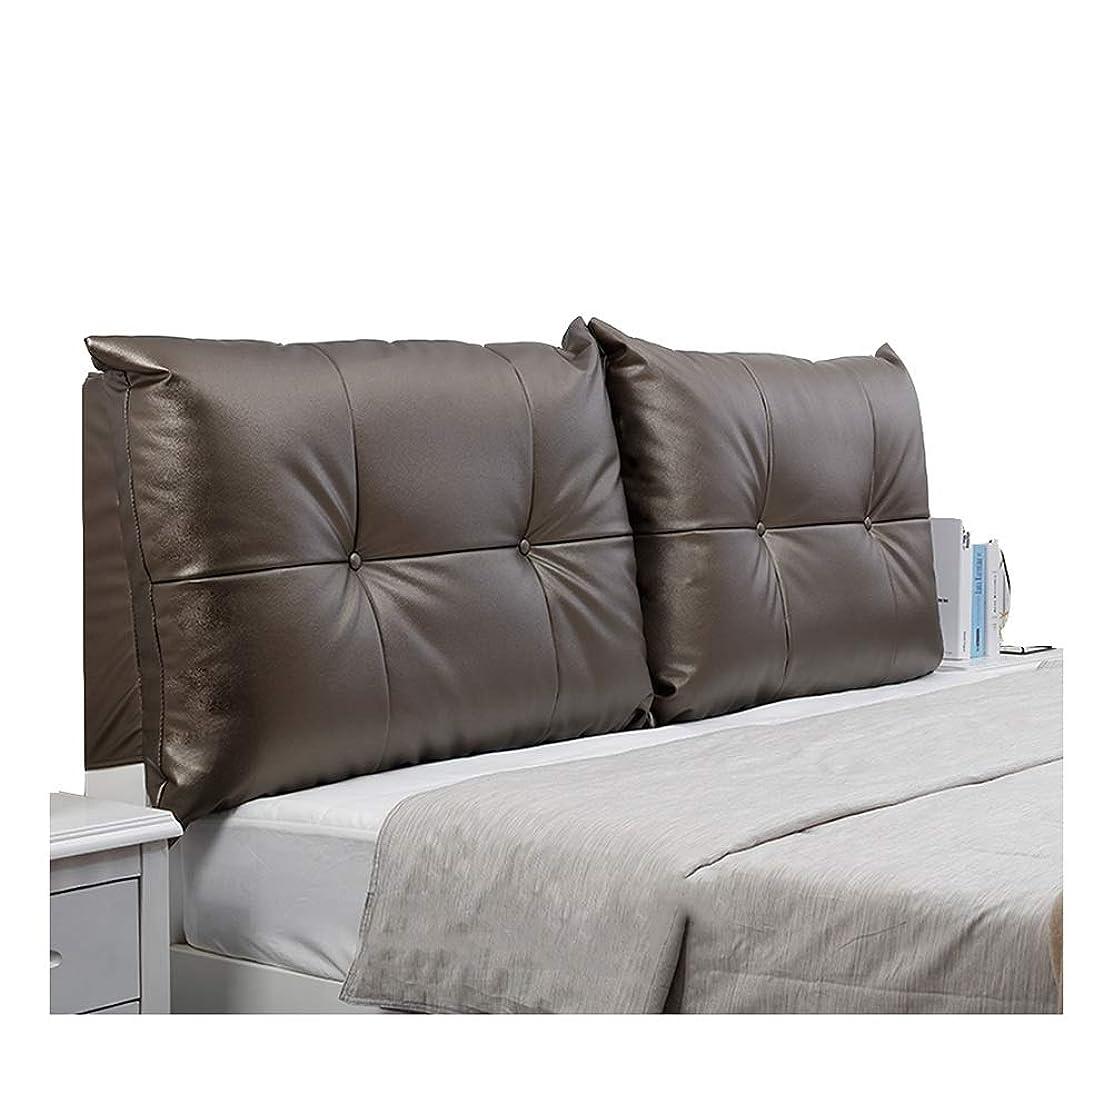 マダム象暗記するPENGFEI クッションベッドの背もたれ抱き枕 ベッドサイドソフトパック 読む スポンジ充填 お手入れが簡単 5色、 9サイズ (色 : C, サイズ さいず : 90センチメートル)